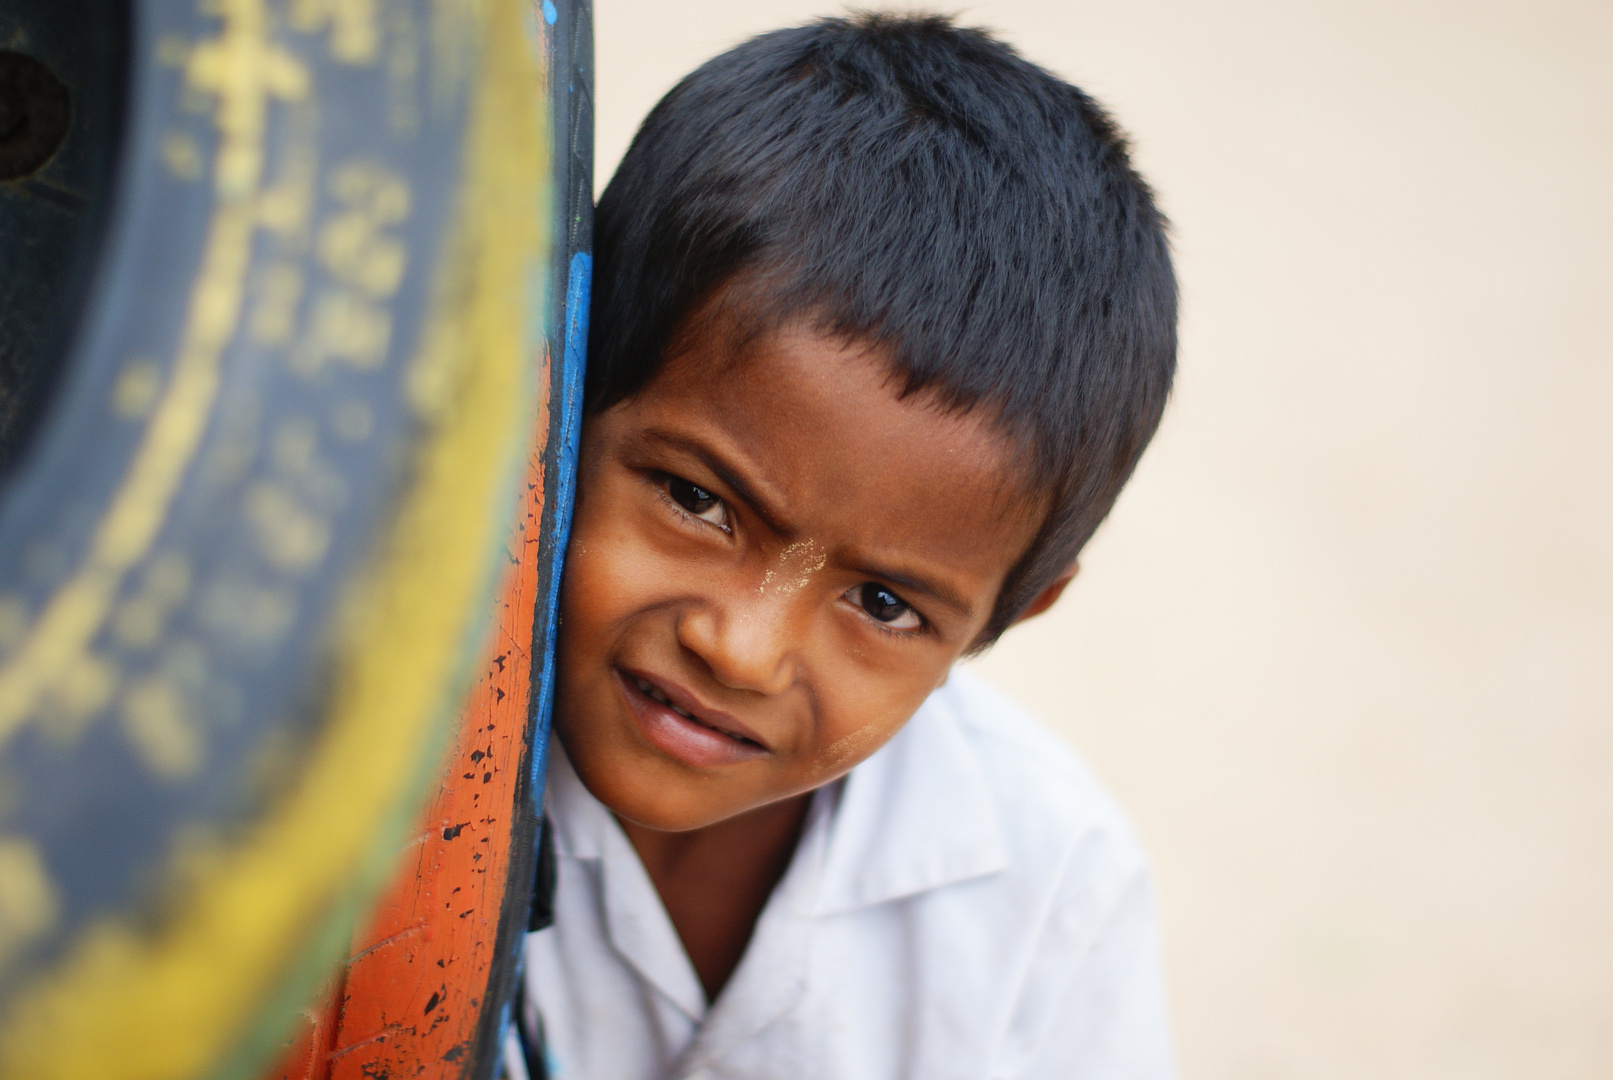 Burmese Children